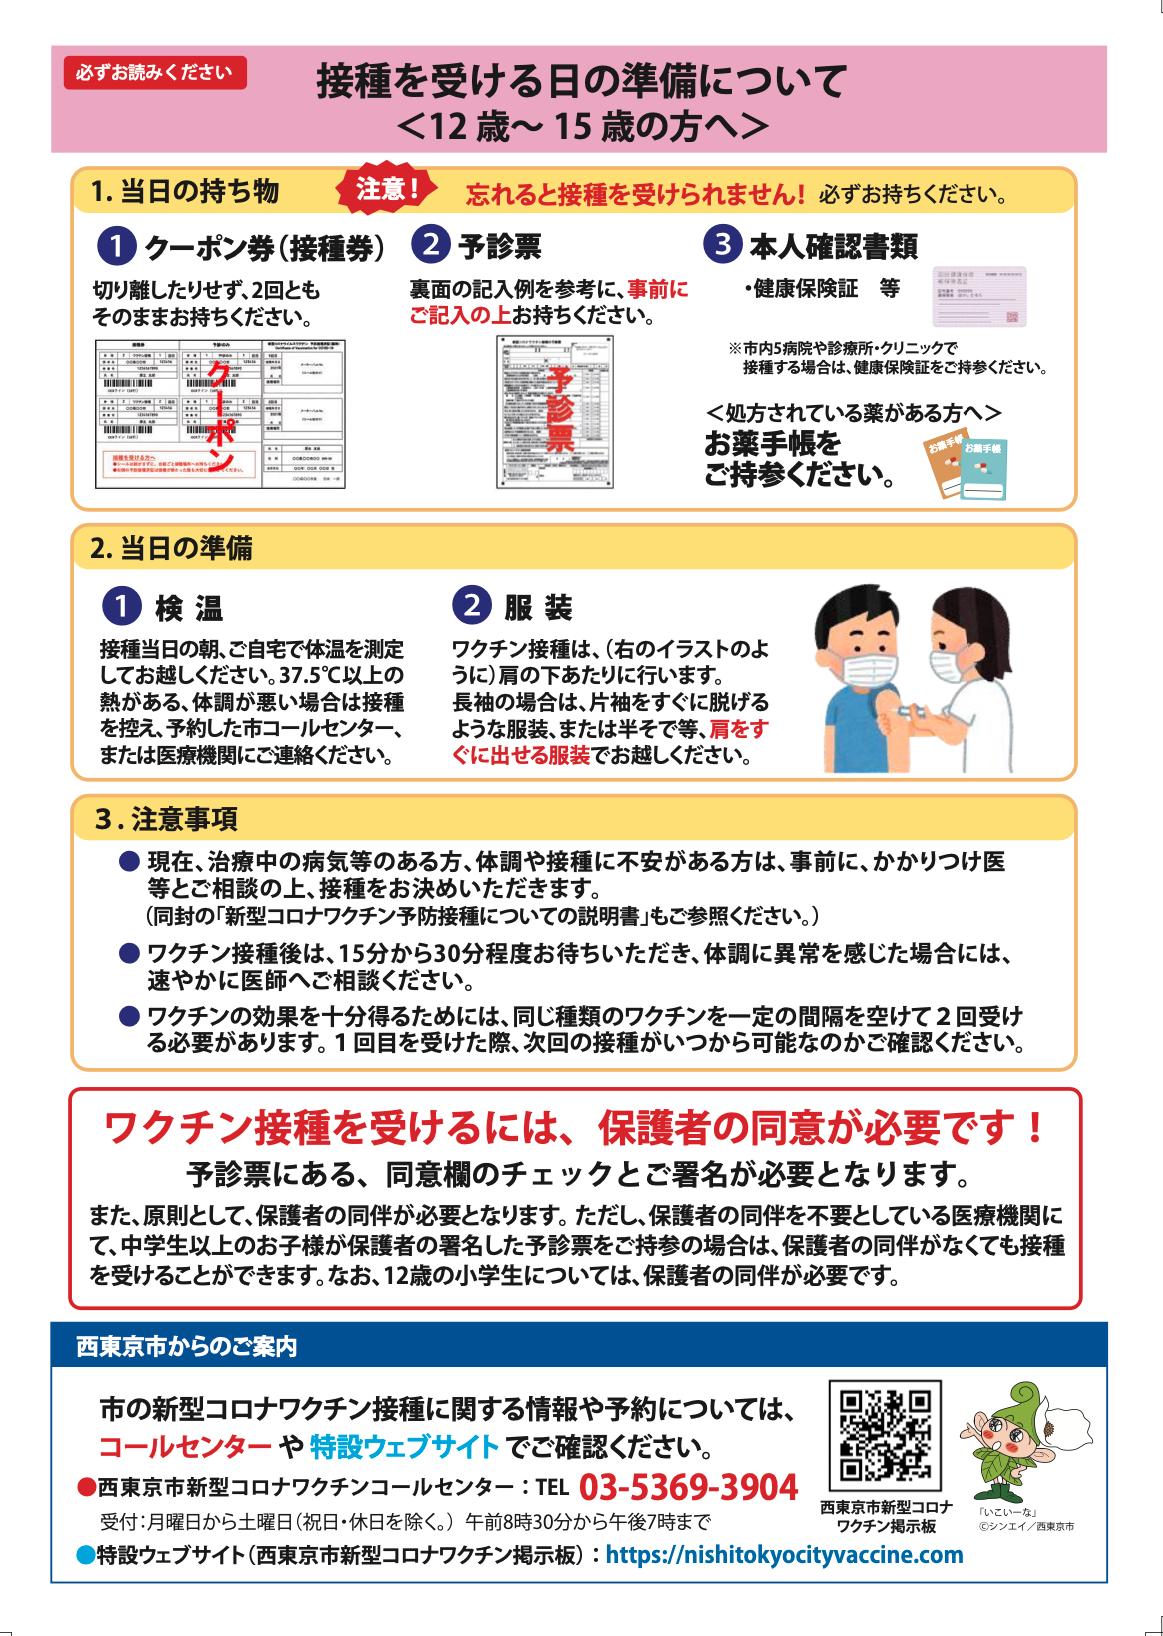 接種を受ける日の準備について